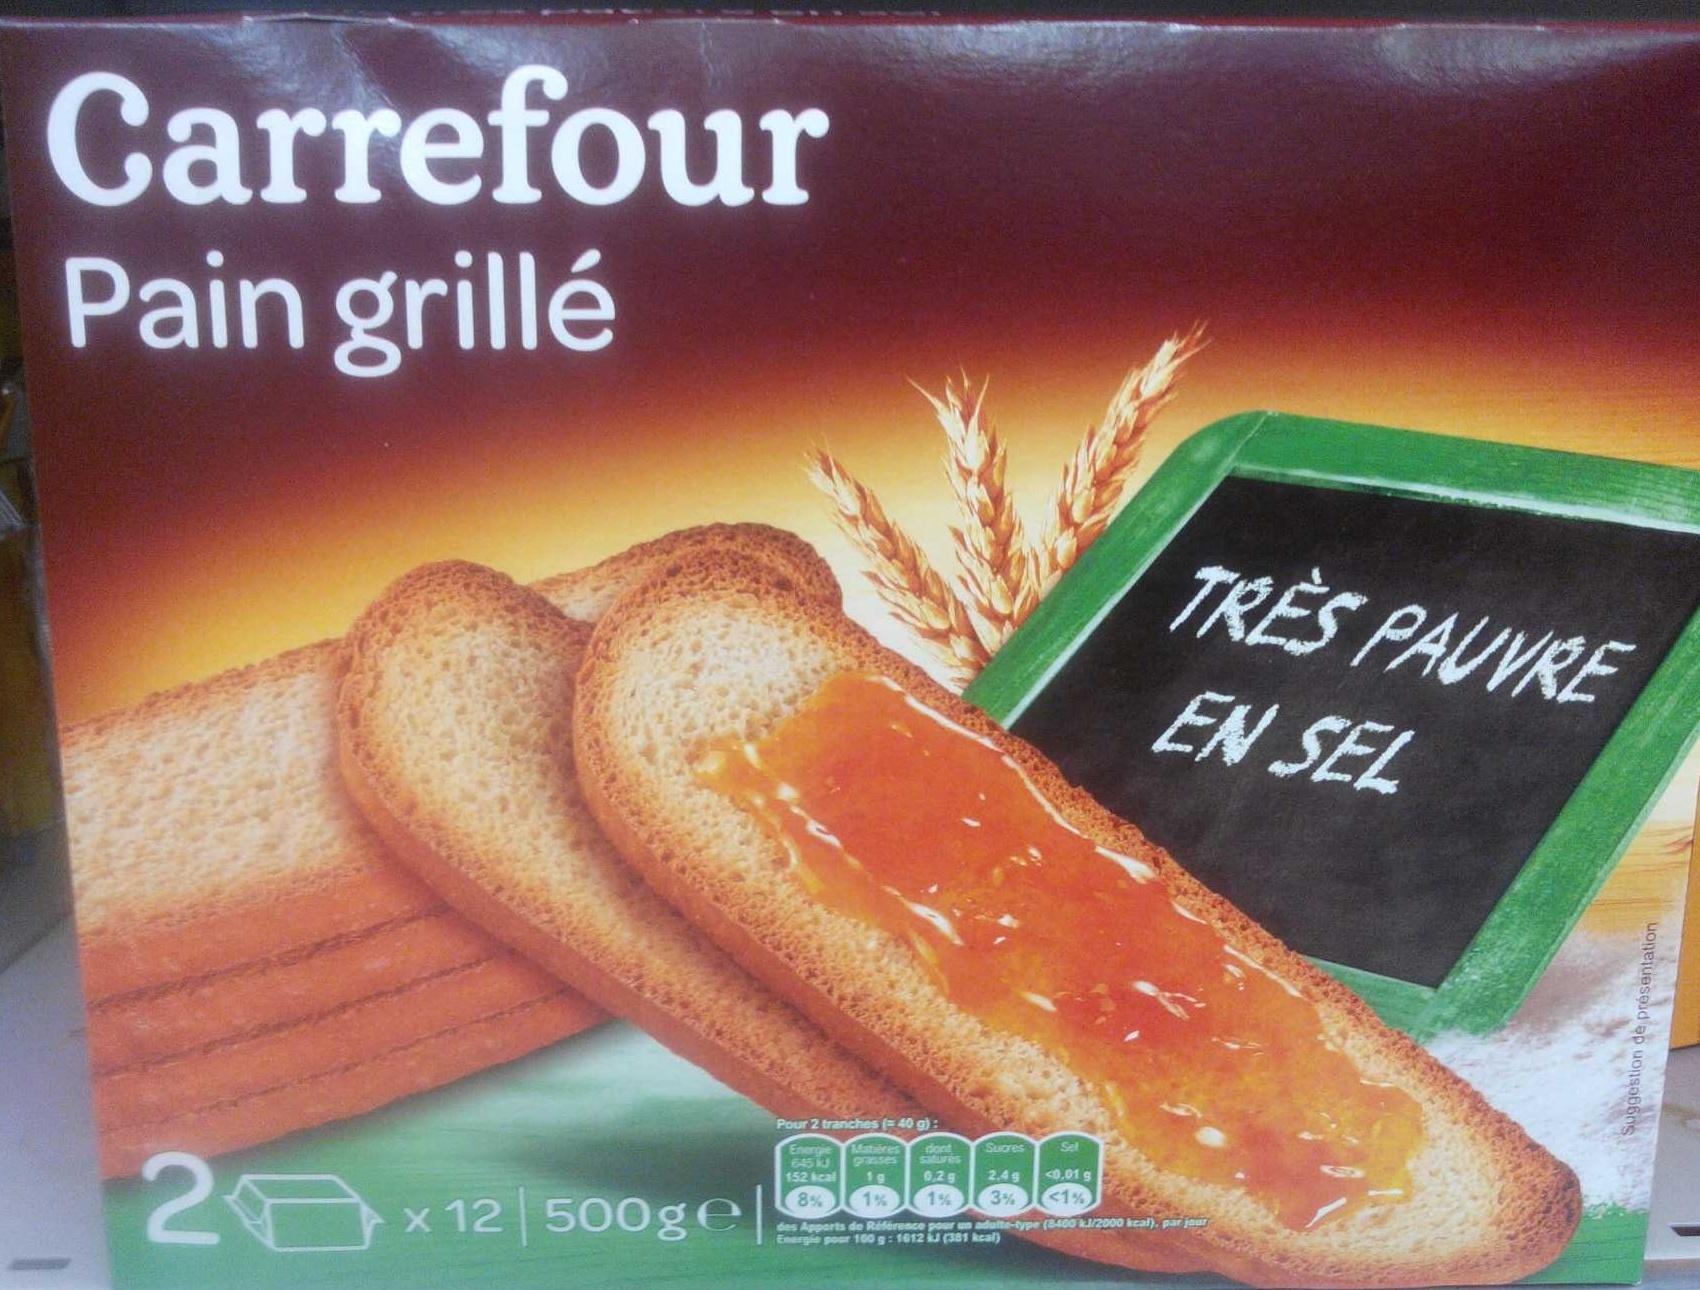 Pain grillé très pauvre en sel - Produit - fr